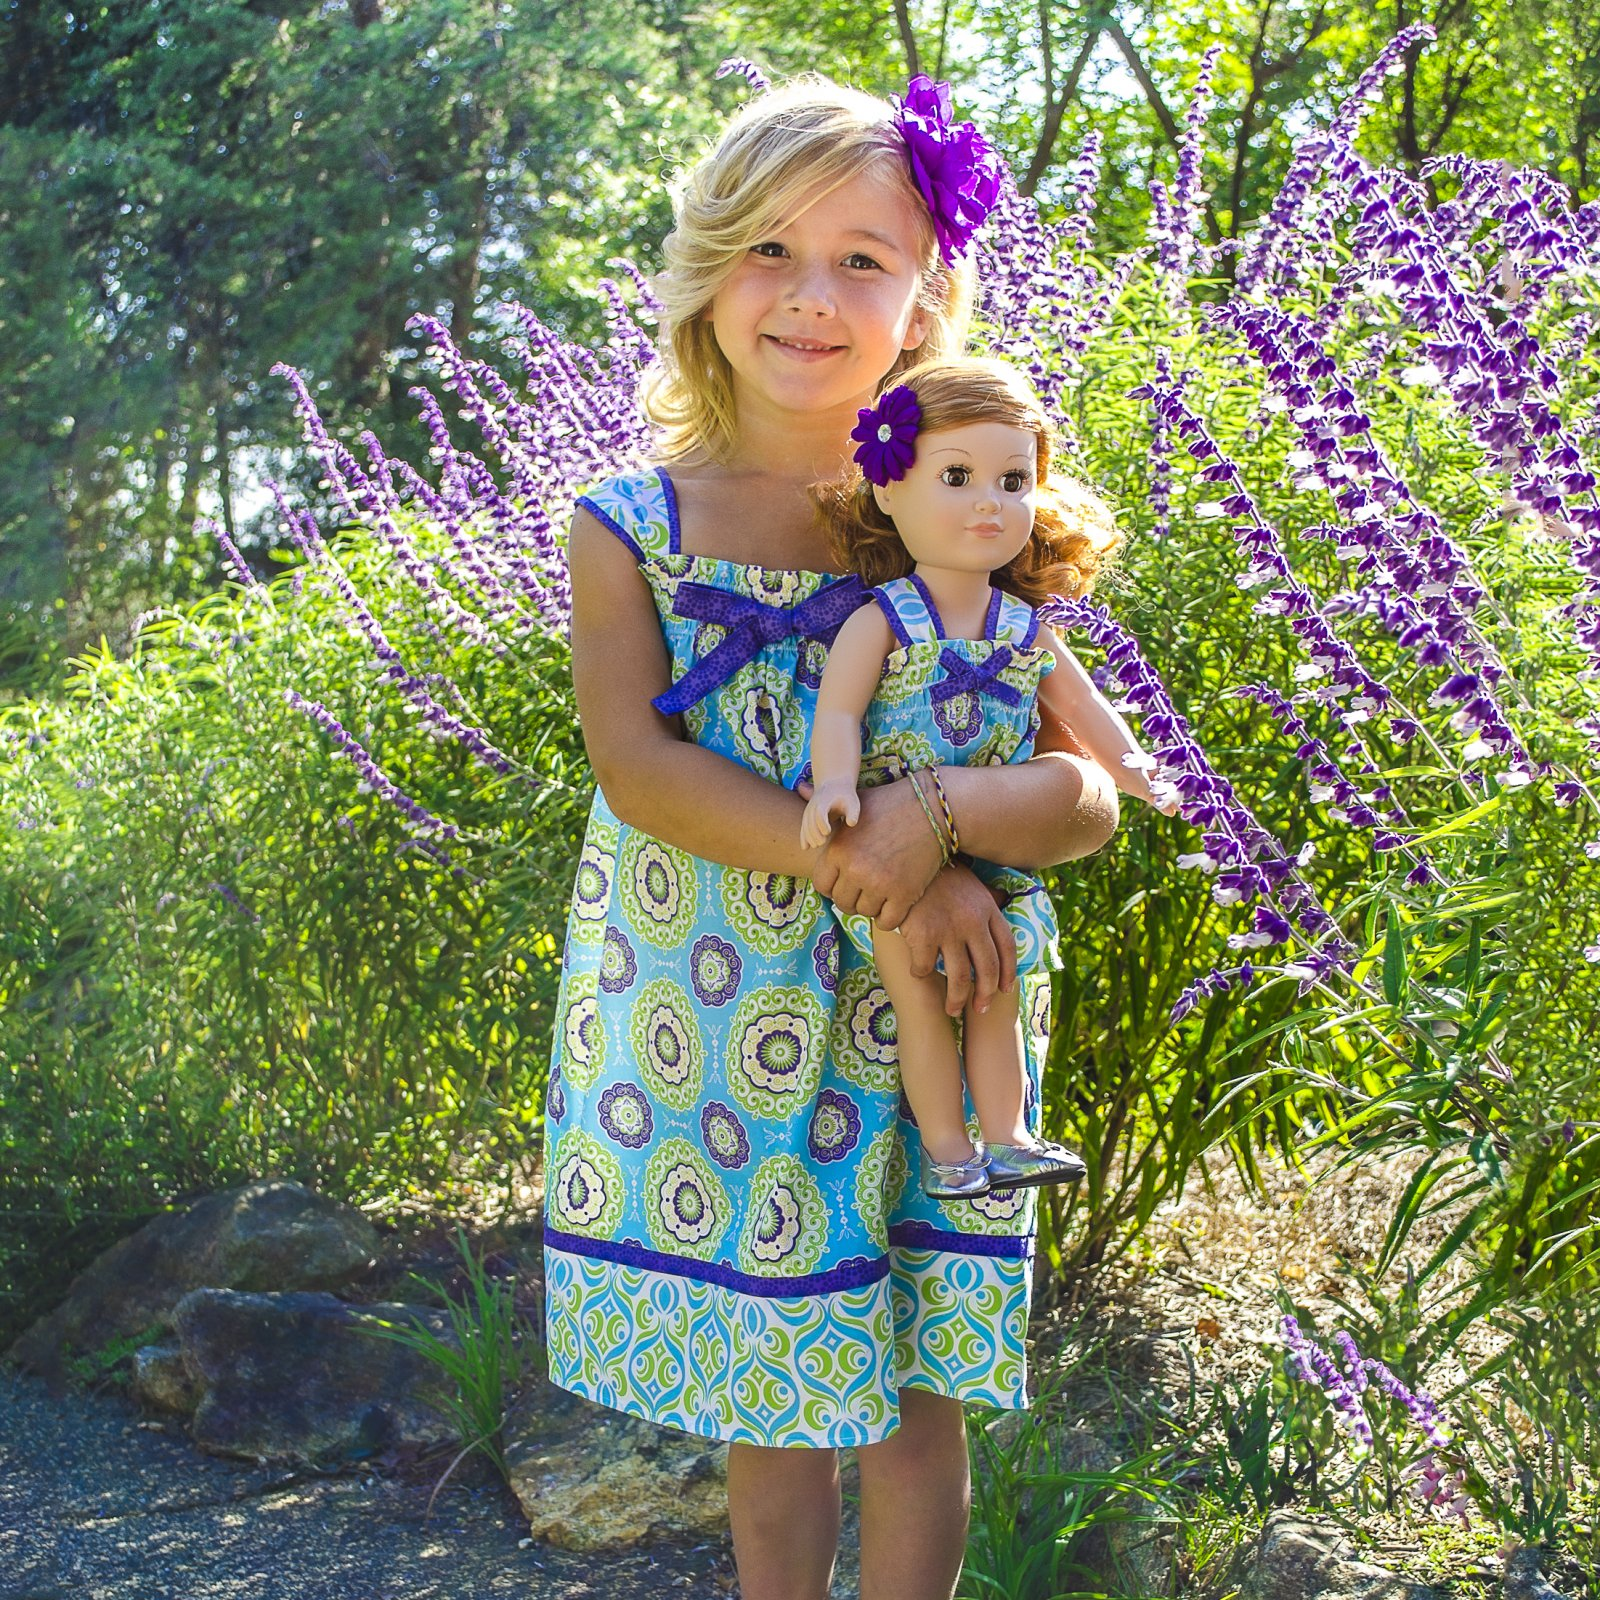 Matching Little Girl & Doll Dress